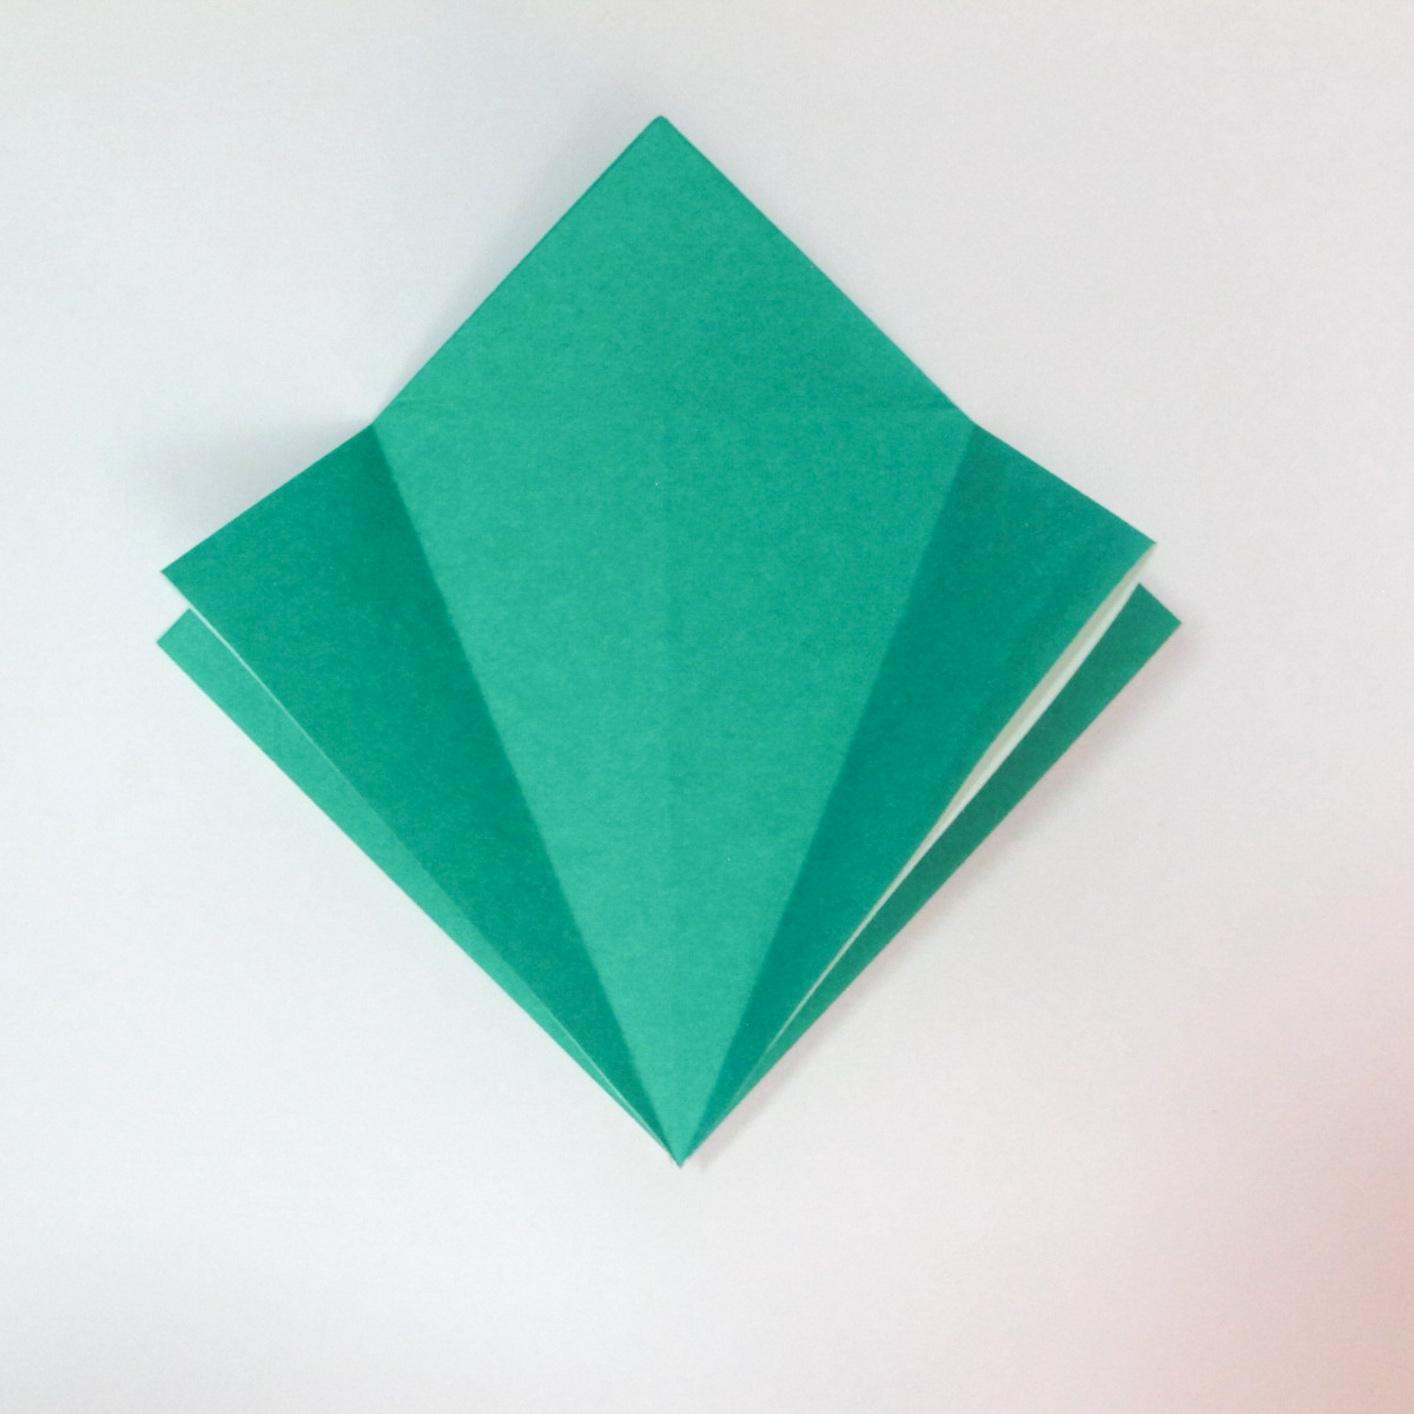 สอนวิธีการพับกระดาษเป็นรูปปลาฉลาม (Origami Shark) 009